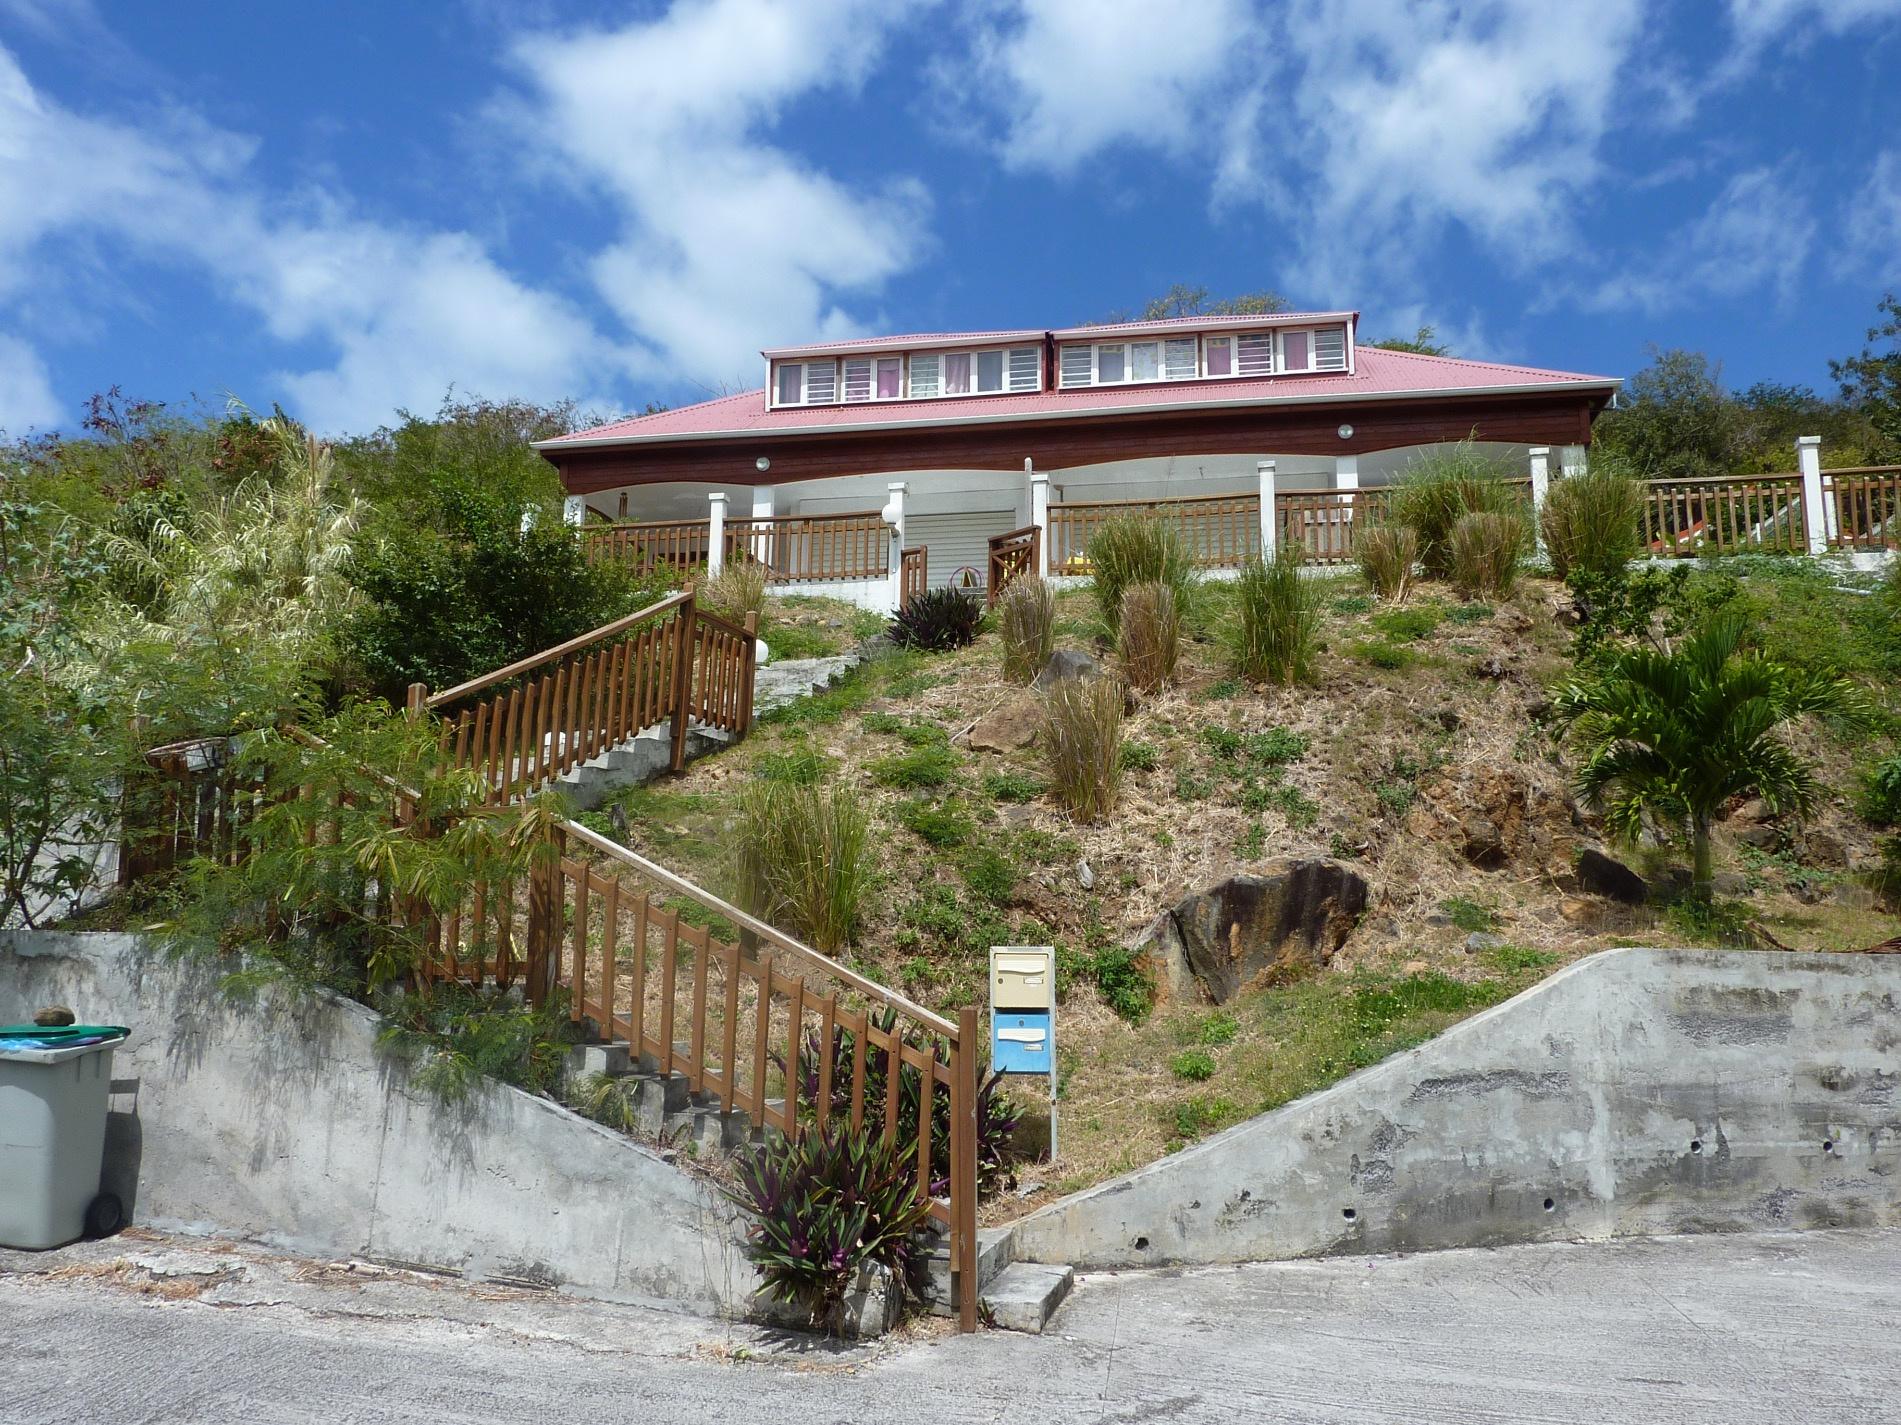 Villabel immobilier guadeloupe for Acheter une maison en guadeloupe